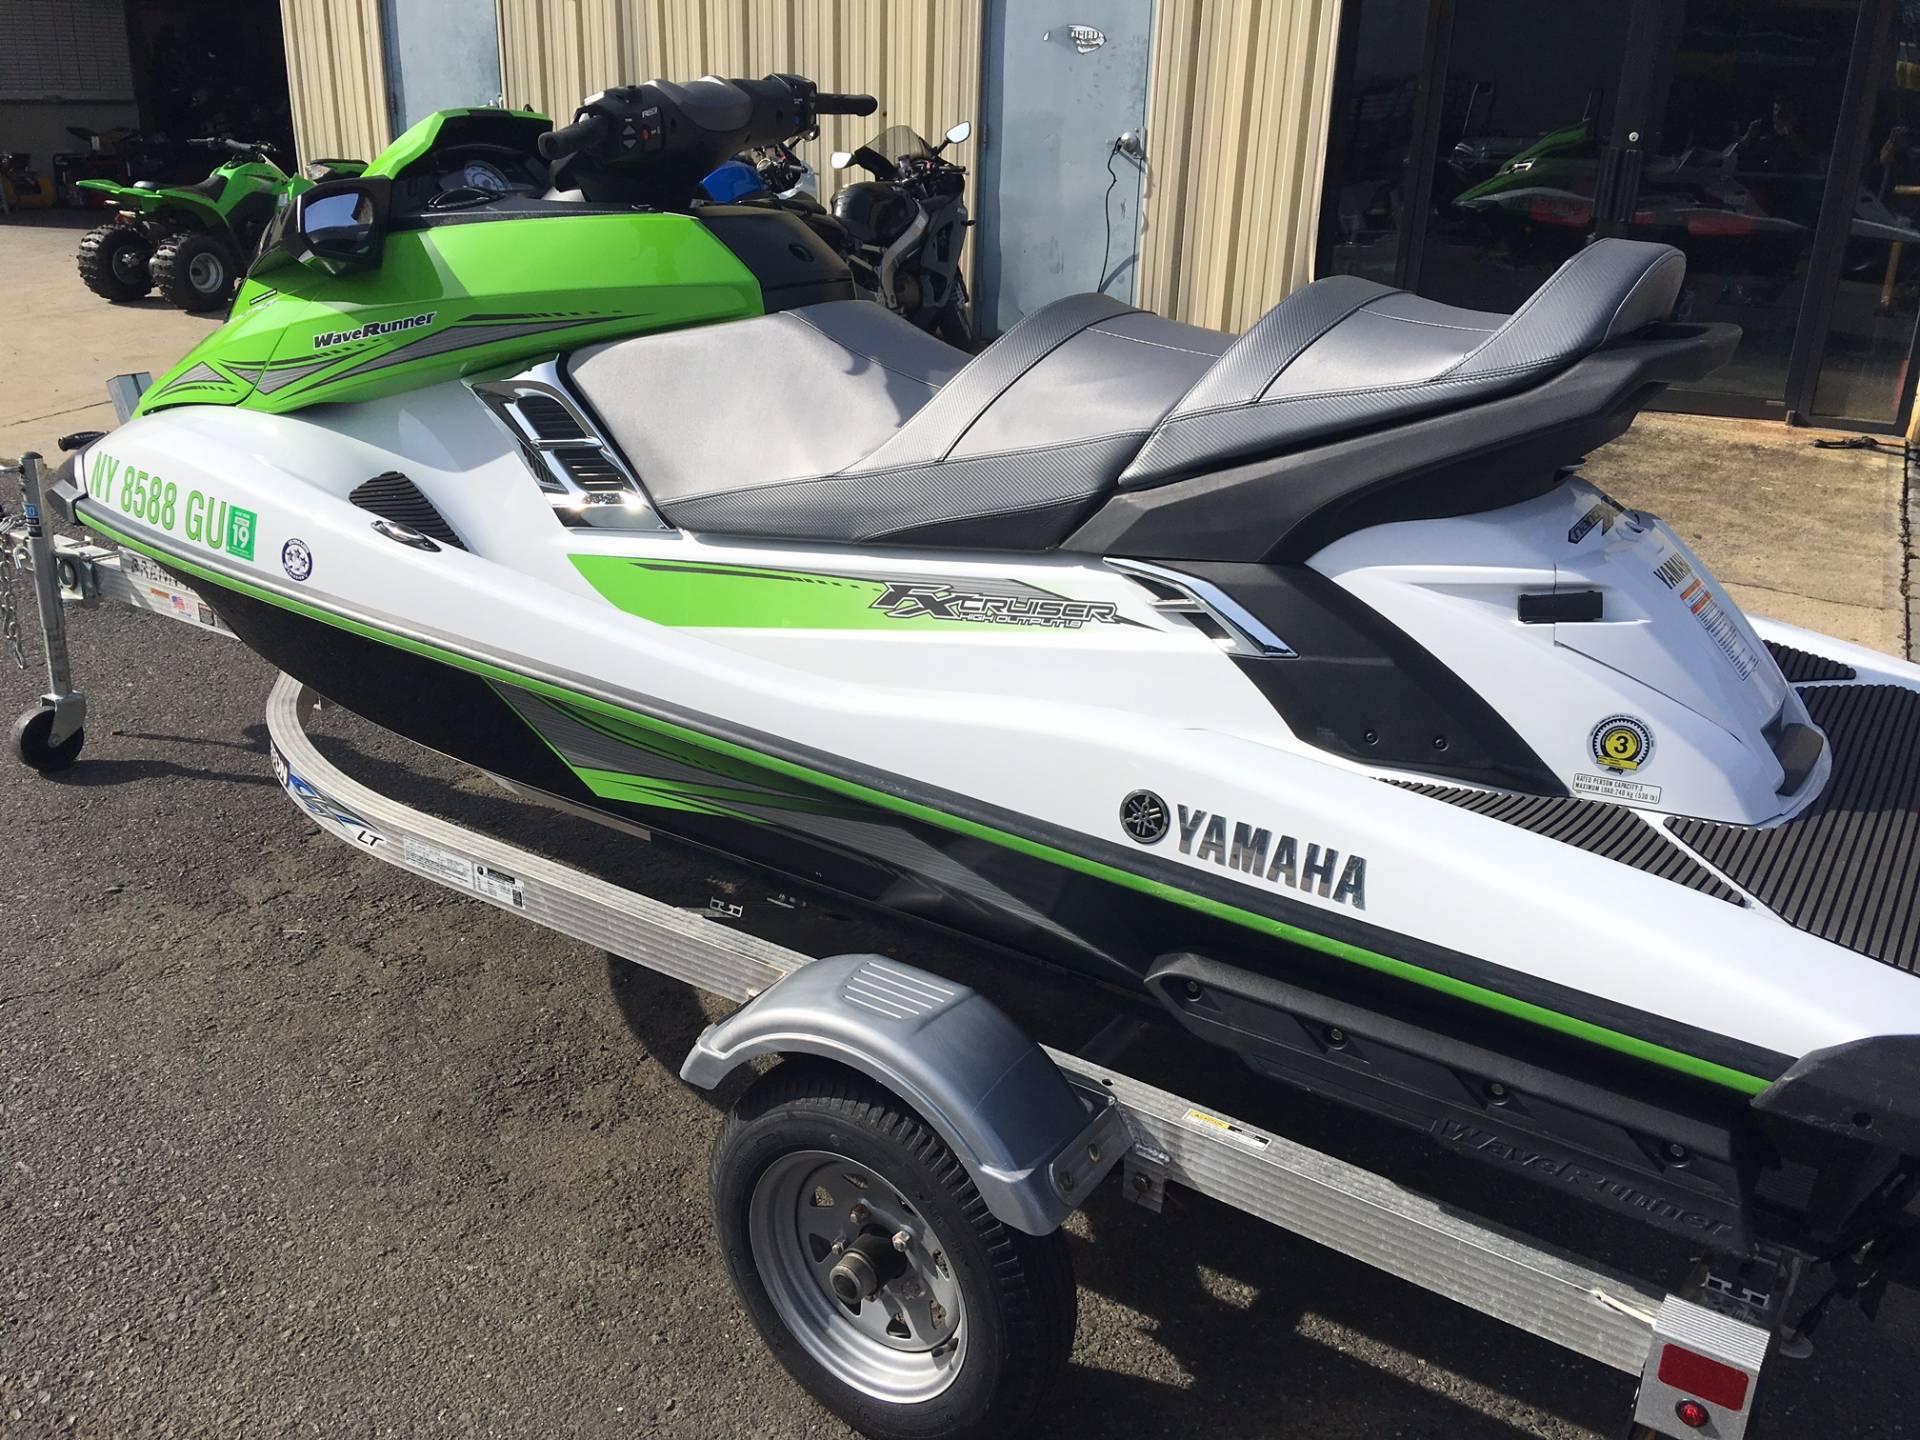 2016 yamaha fx cruiser ho for sale middletown nj 78139 for Yamaha fx cruiser